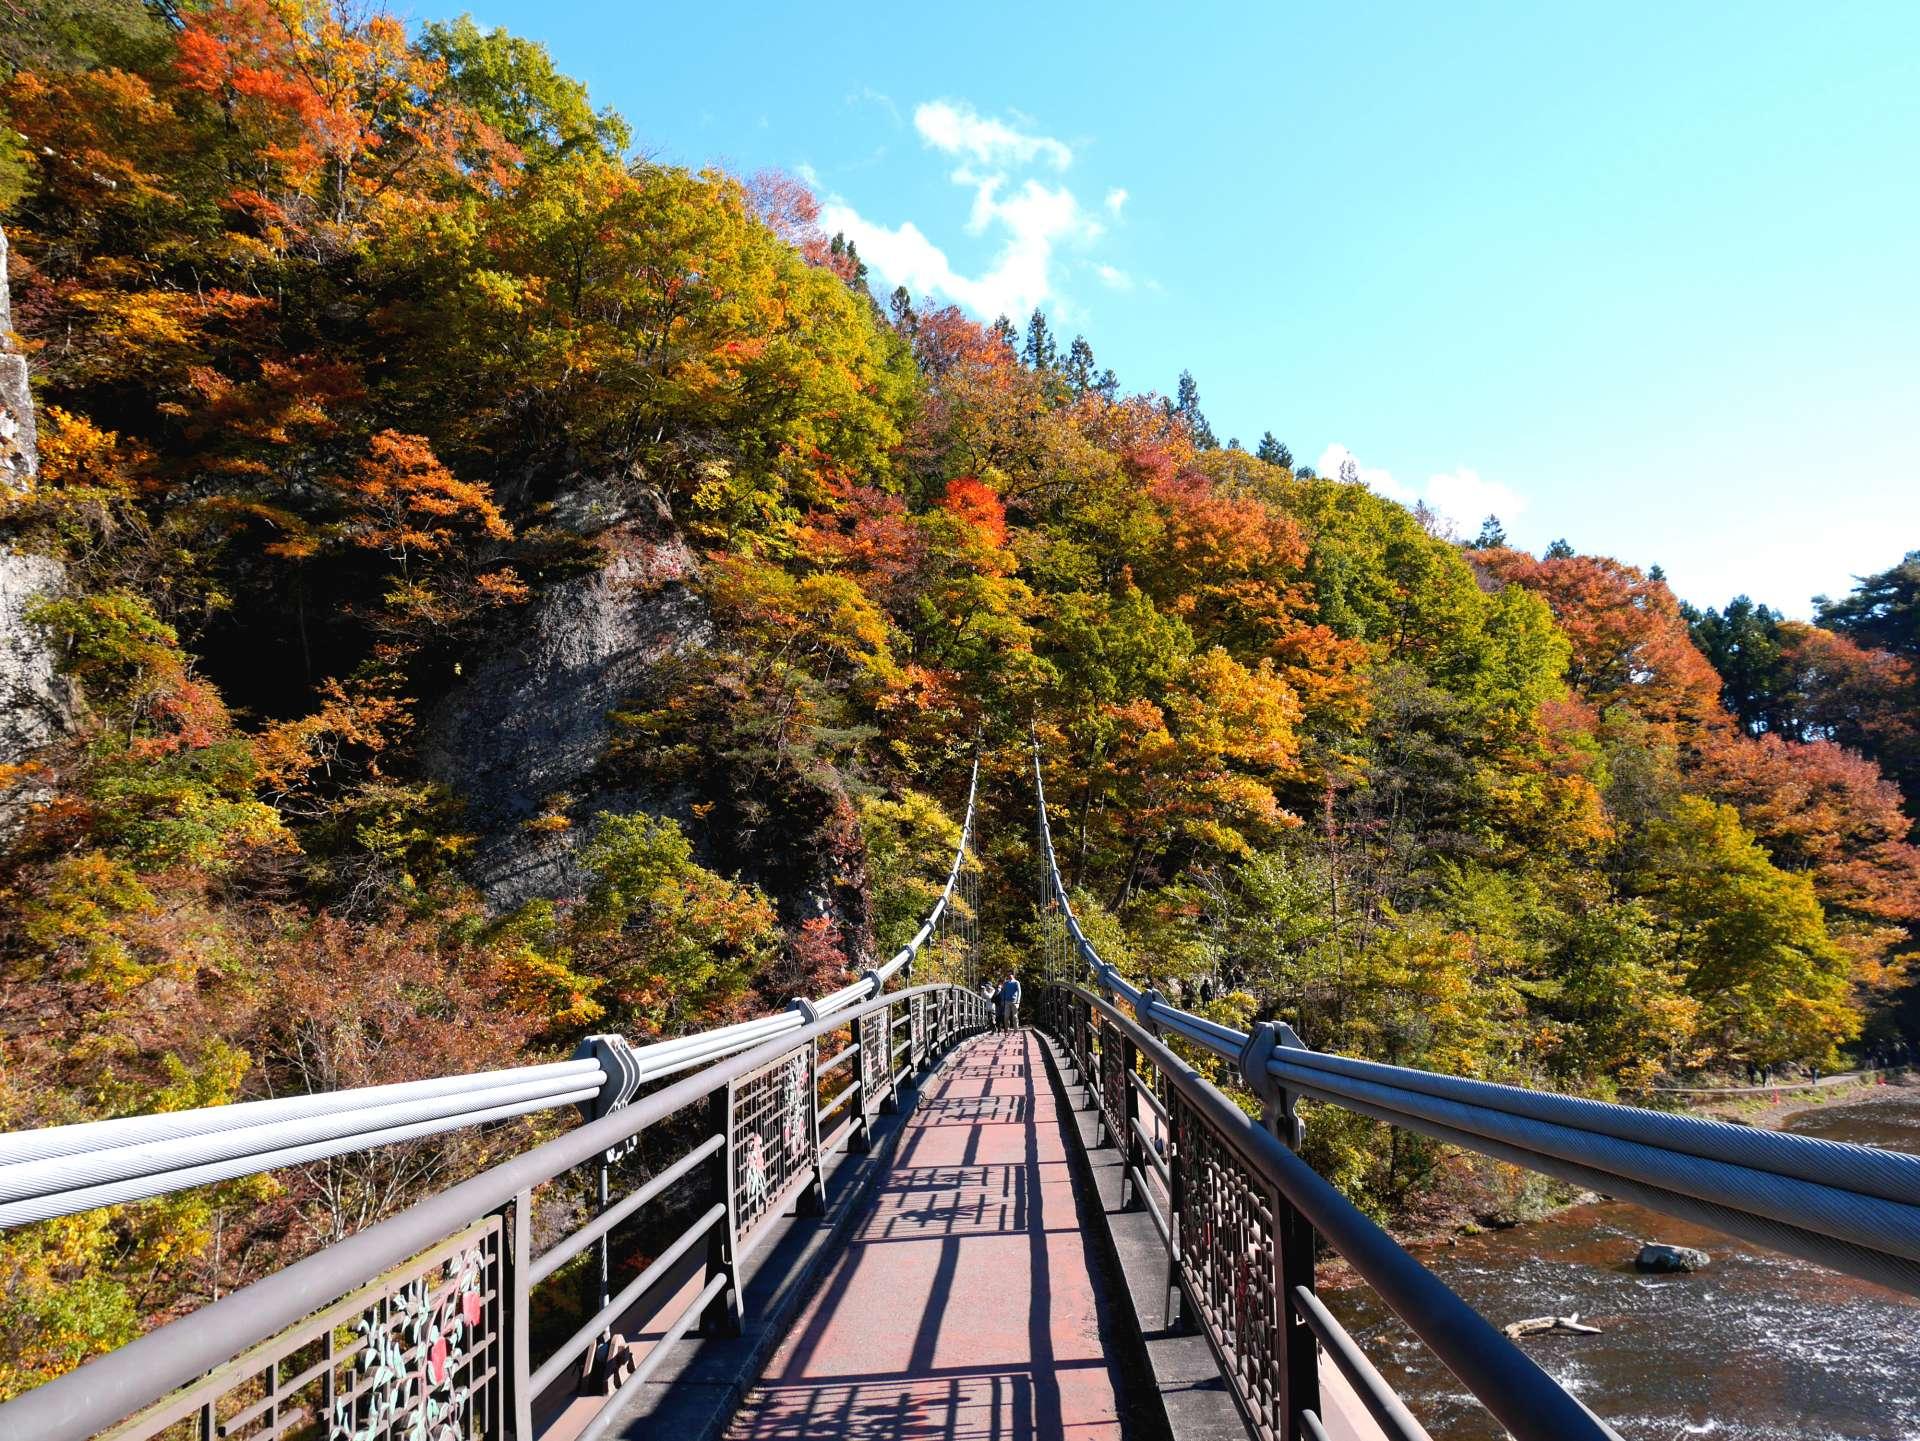 View from Suspension Bridge (Ukishima-bashi)